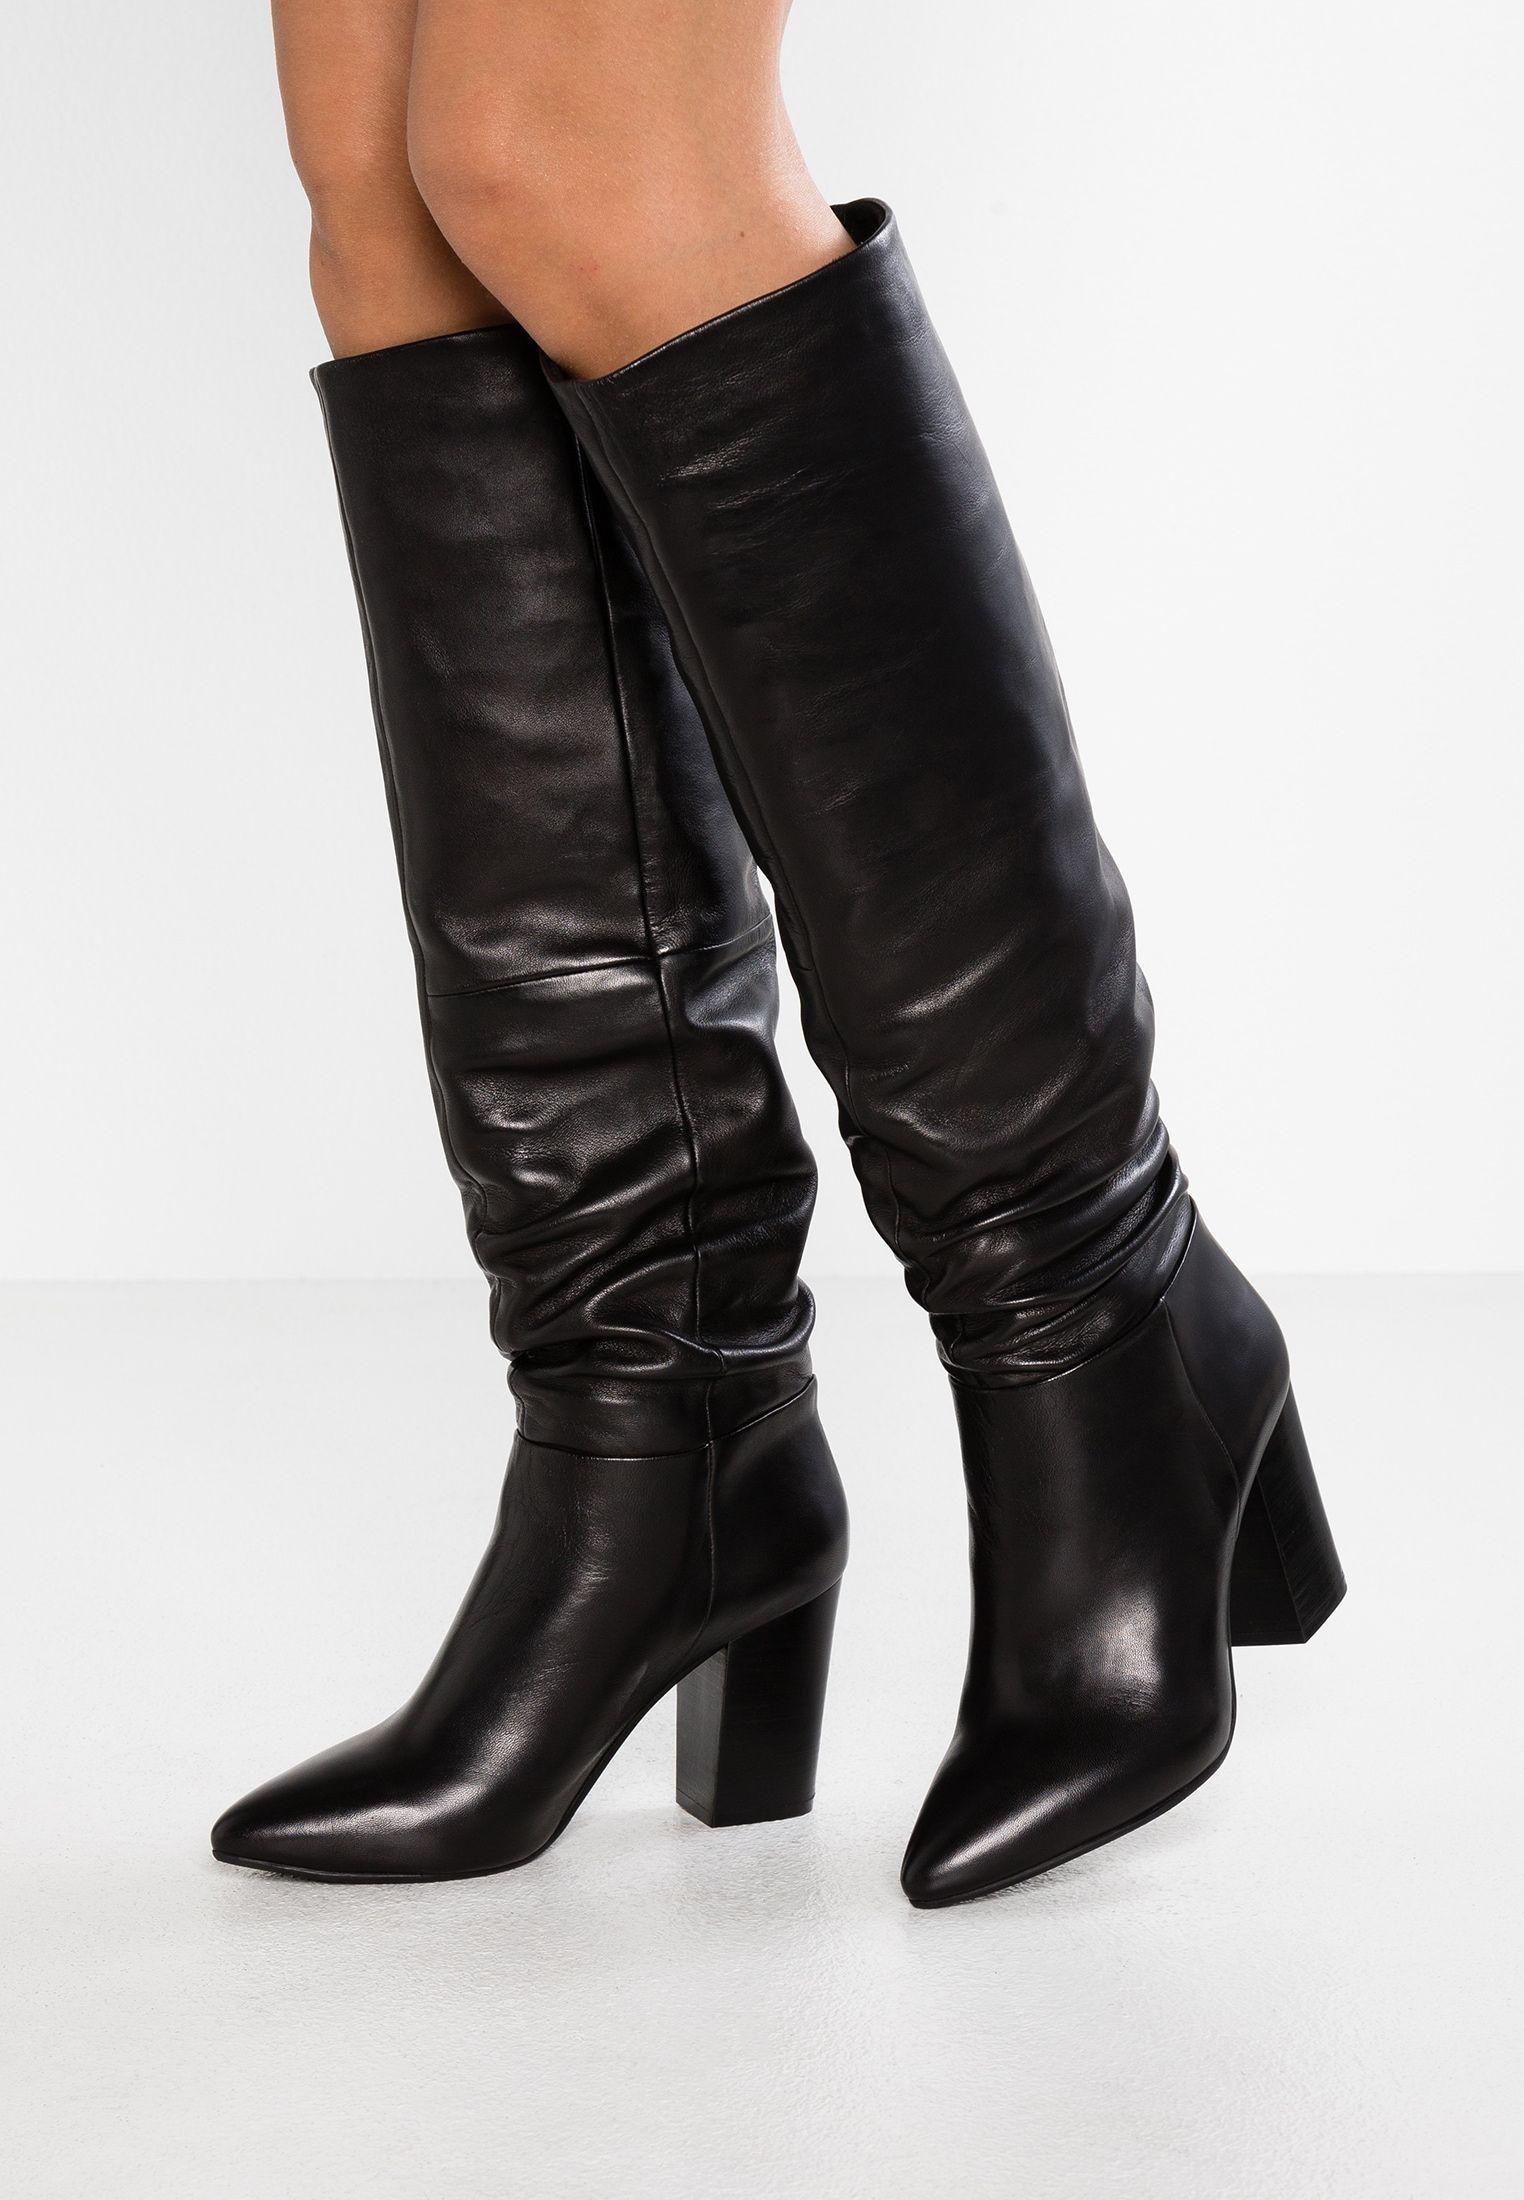 new product 75a8e 285fa SENSAI - Stiefel - black @ Zalando.de 🛒 | Schuhe in 2019 ...